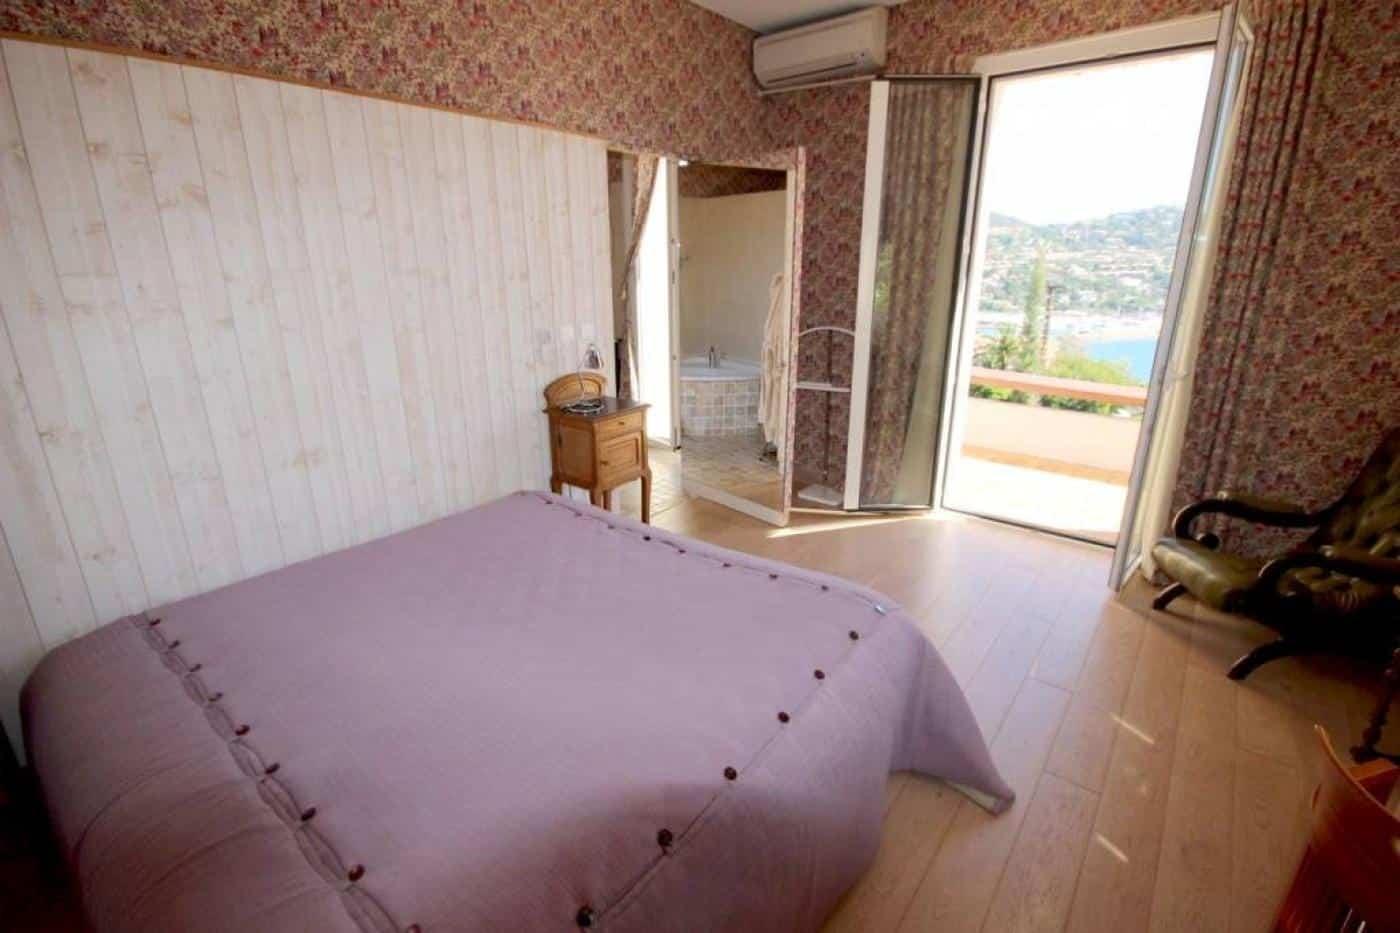 À vendre : Maison 5 chambres LE TRAYAS - Saint-Raphaël - Ref : 27929 | Naef Immobilier